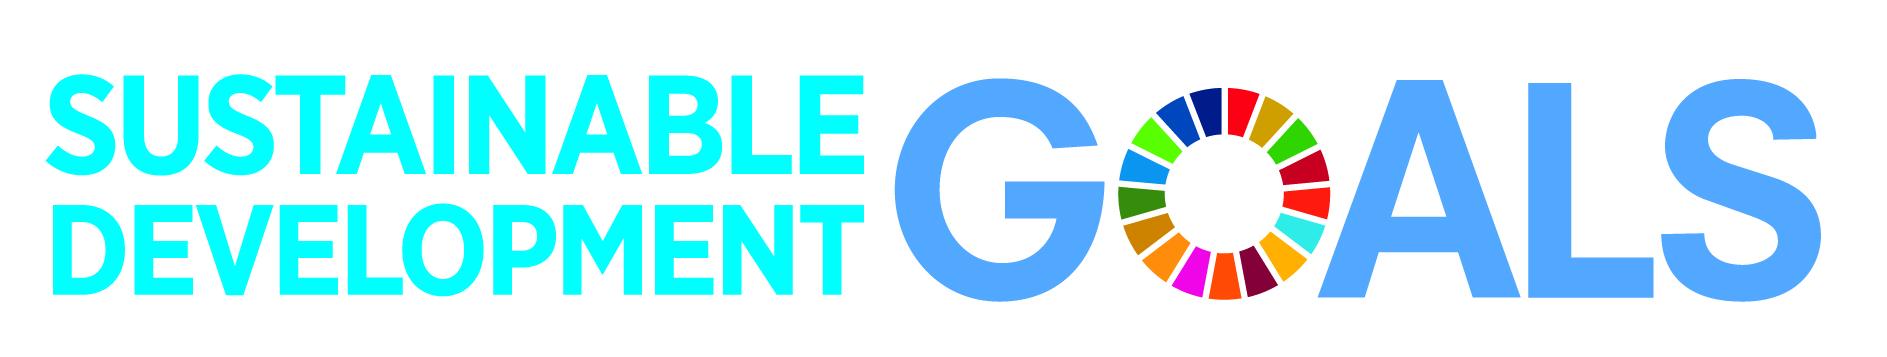 E_SDG_logo_No UN Emblem_horizontal_cmyk